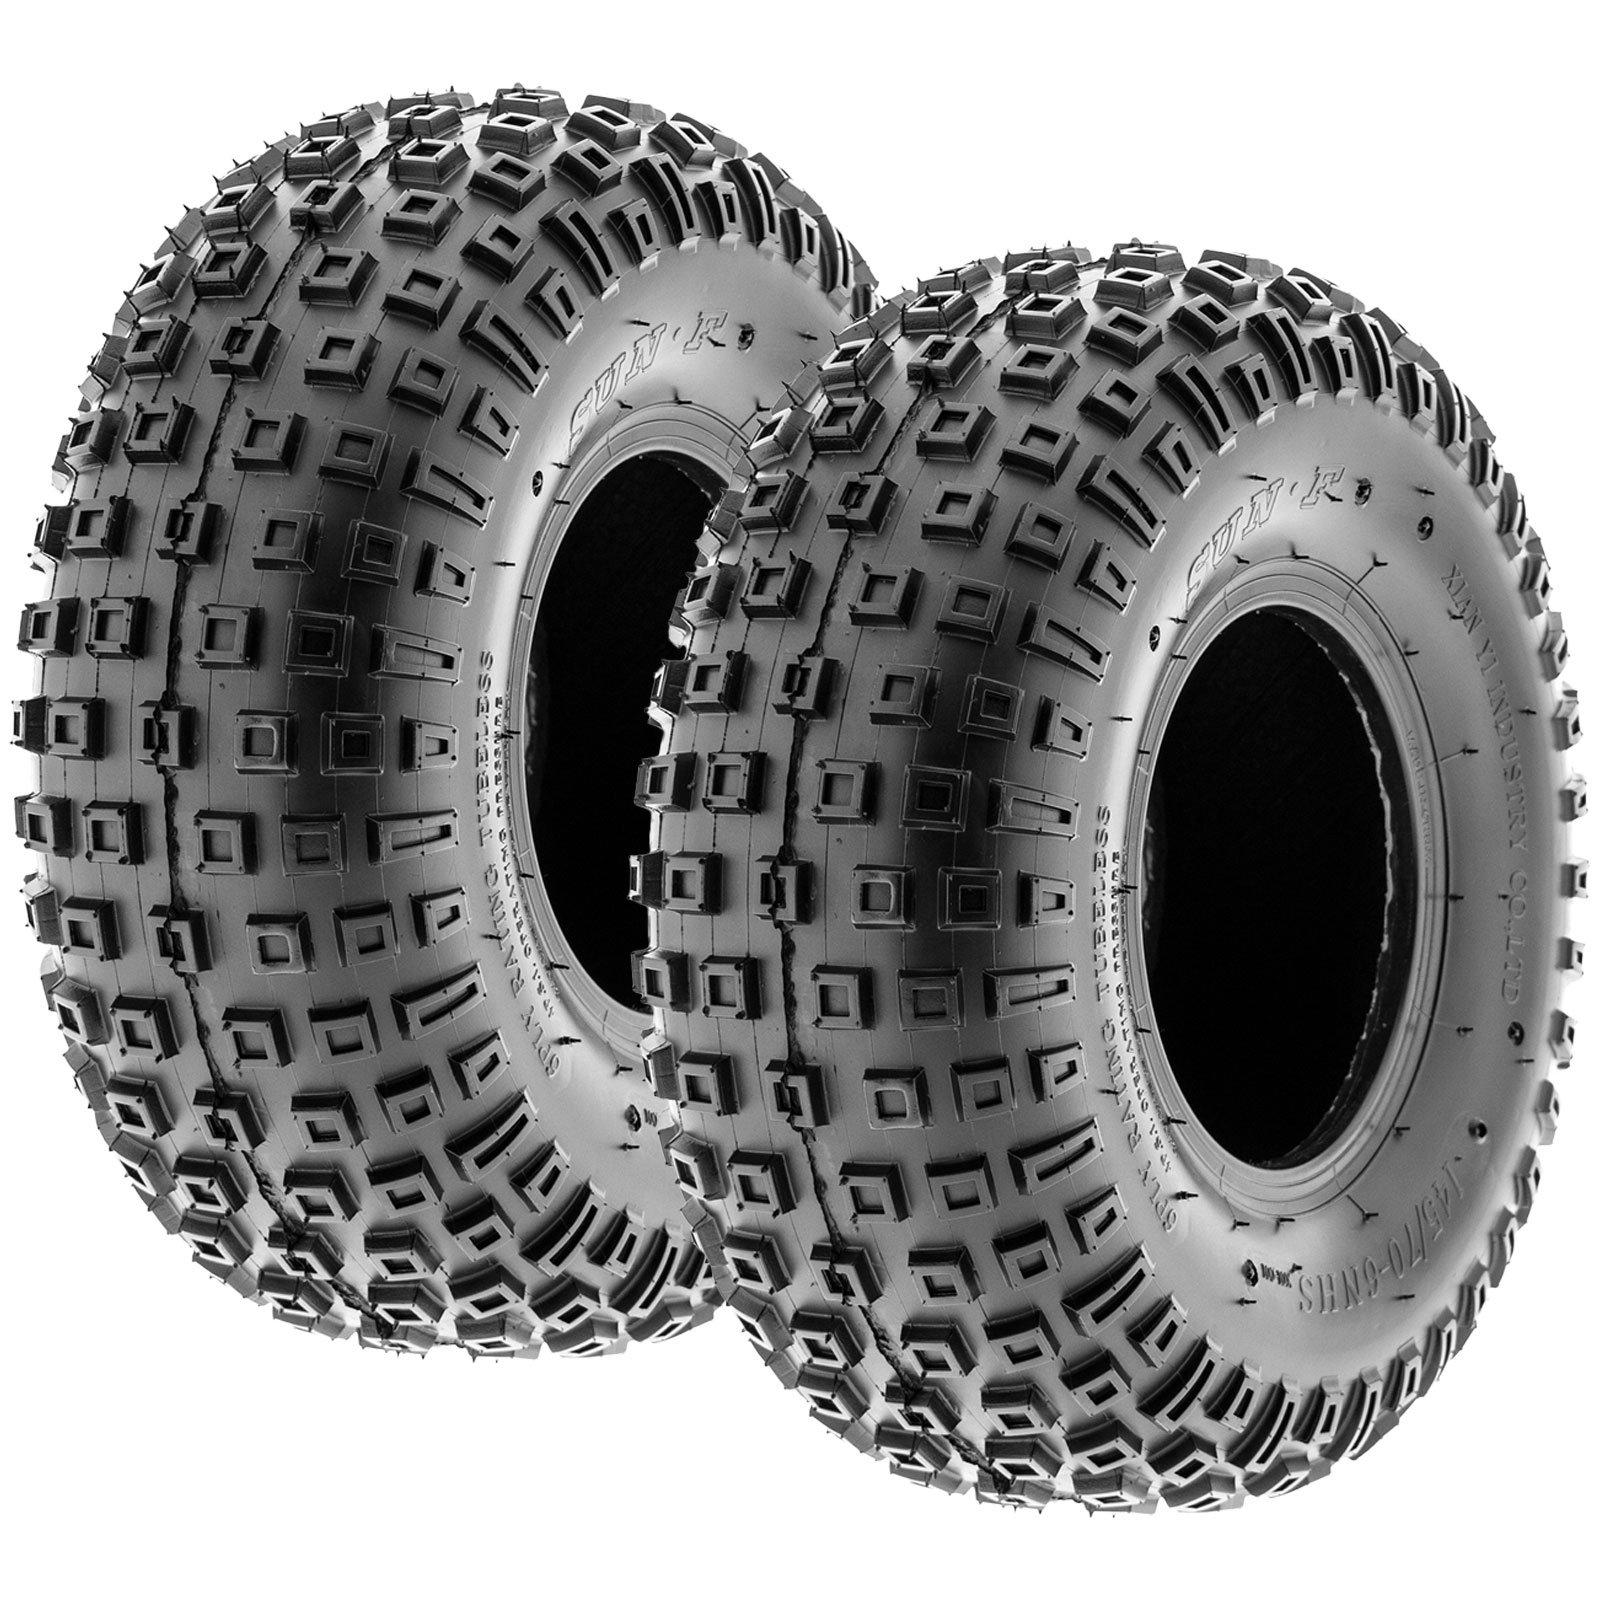 Pair of 2 SunF A011 XC Sport 145/70-6 (17x9-6) ATV Go-Kart Knobby Tires, 6 PR, Tubeless